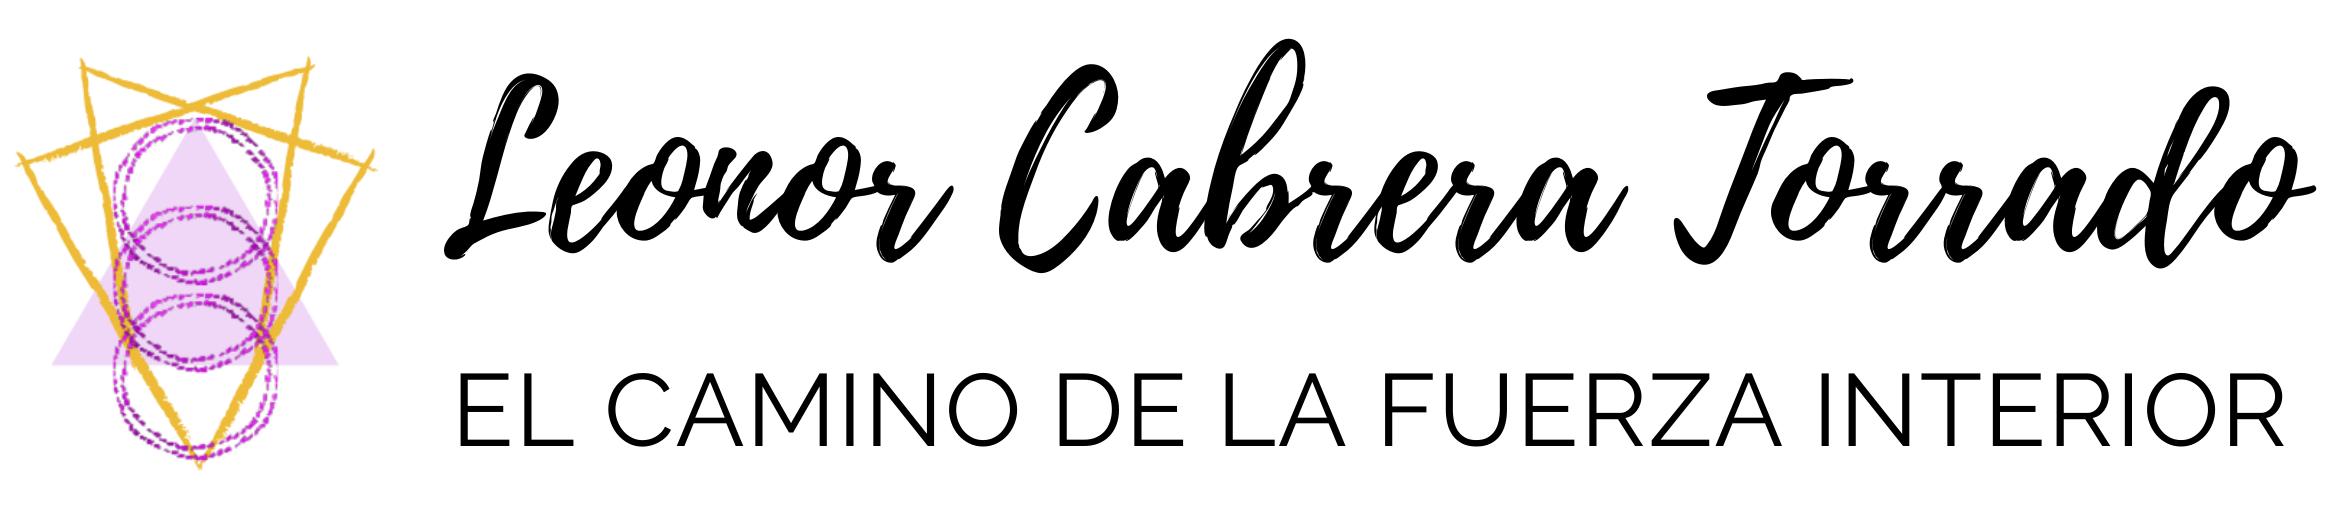 Leonor Cabrera Torrado